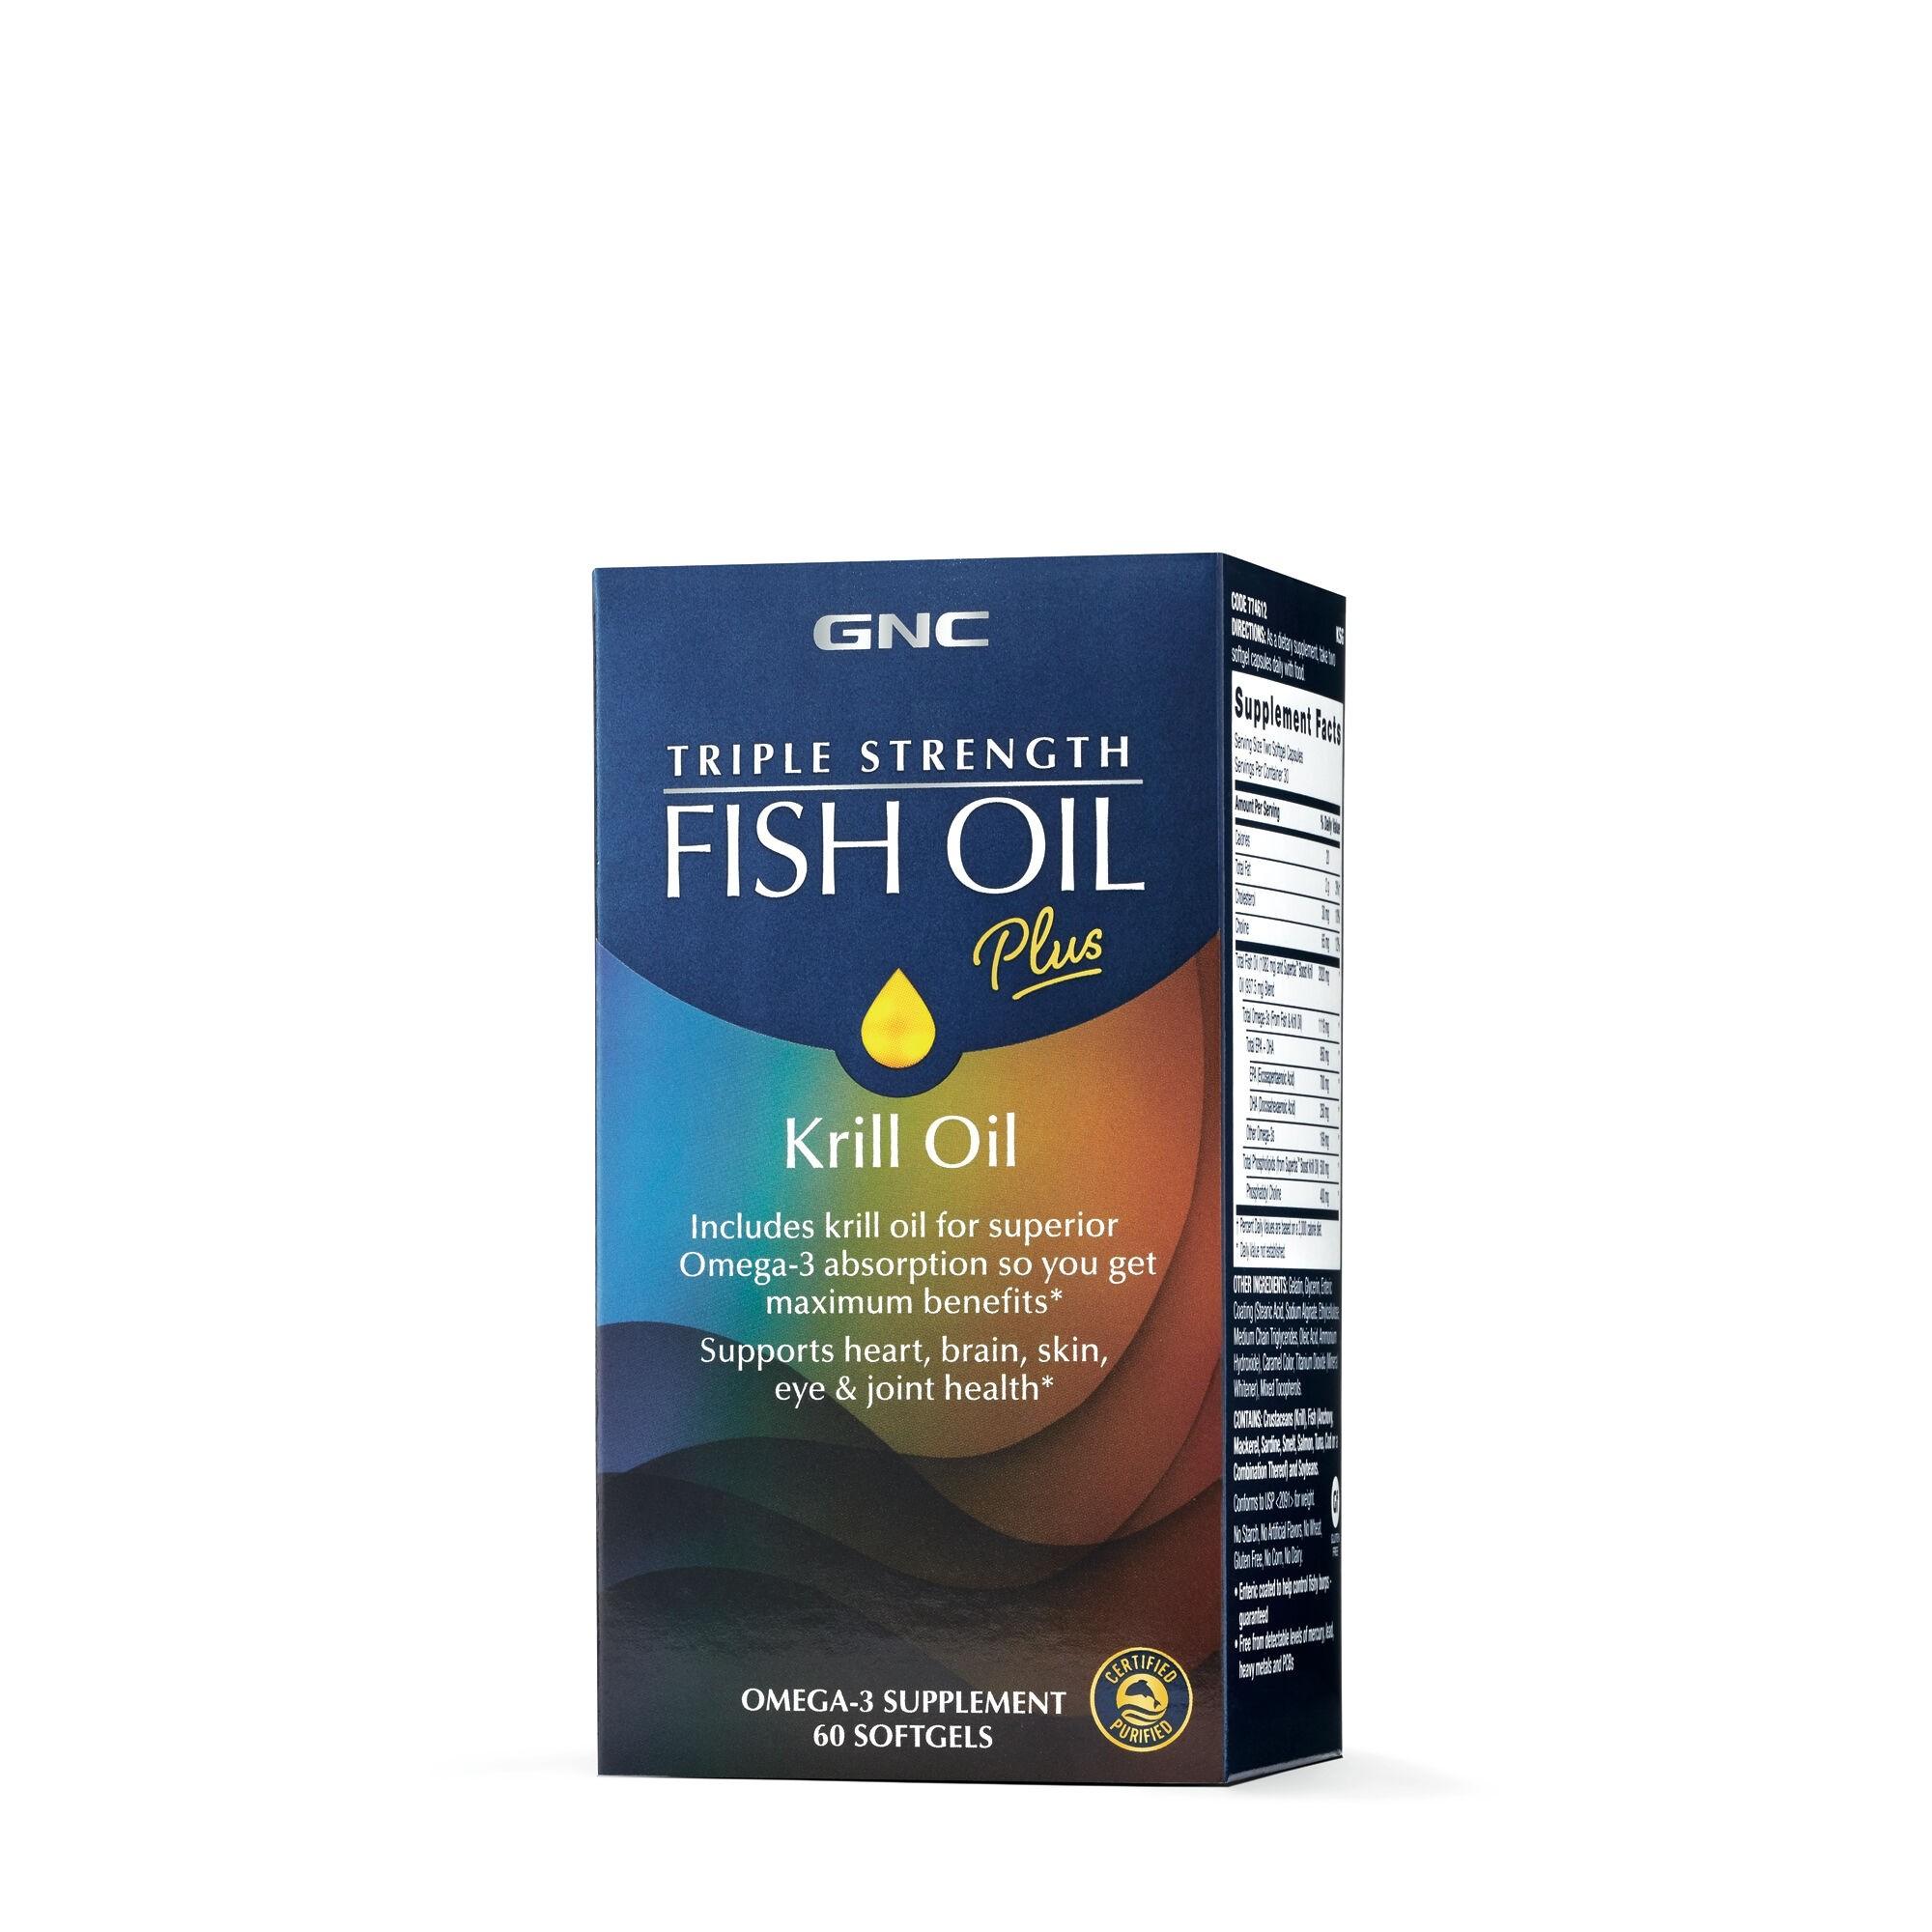 GNC Triple Strength Fish Oil Plus Krill Oil, Ulei de Peste Plus Ulei de Krill, 60 cps